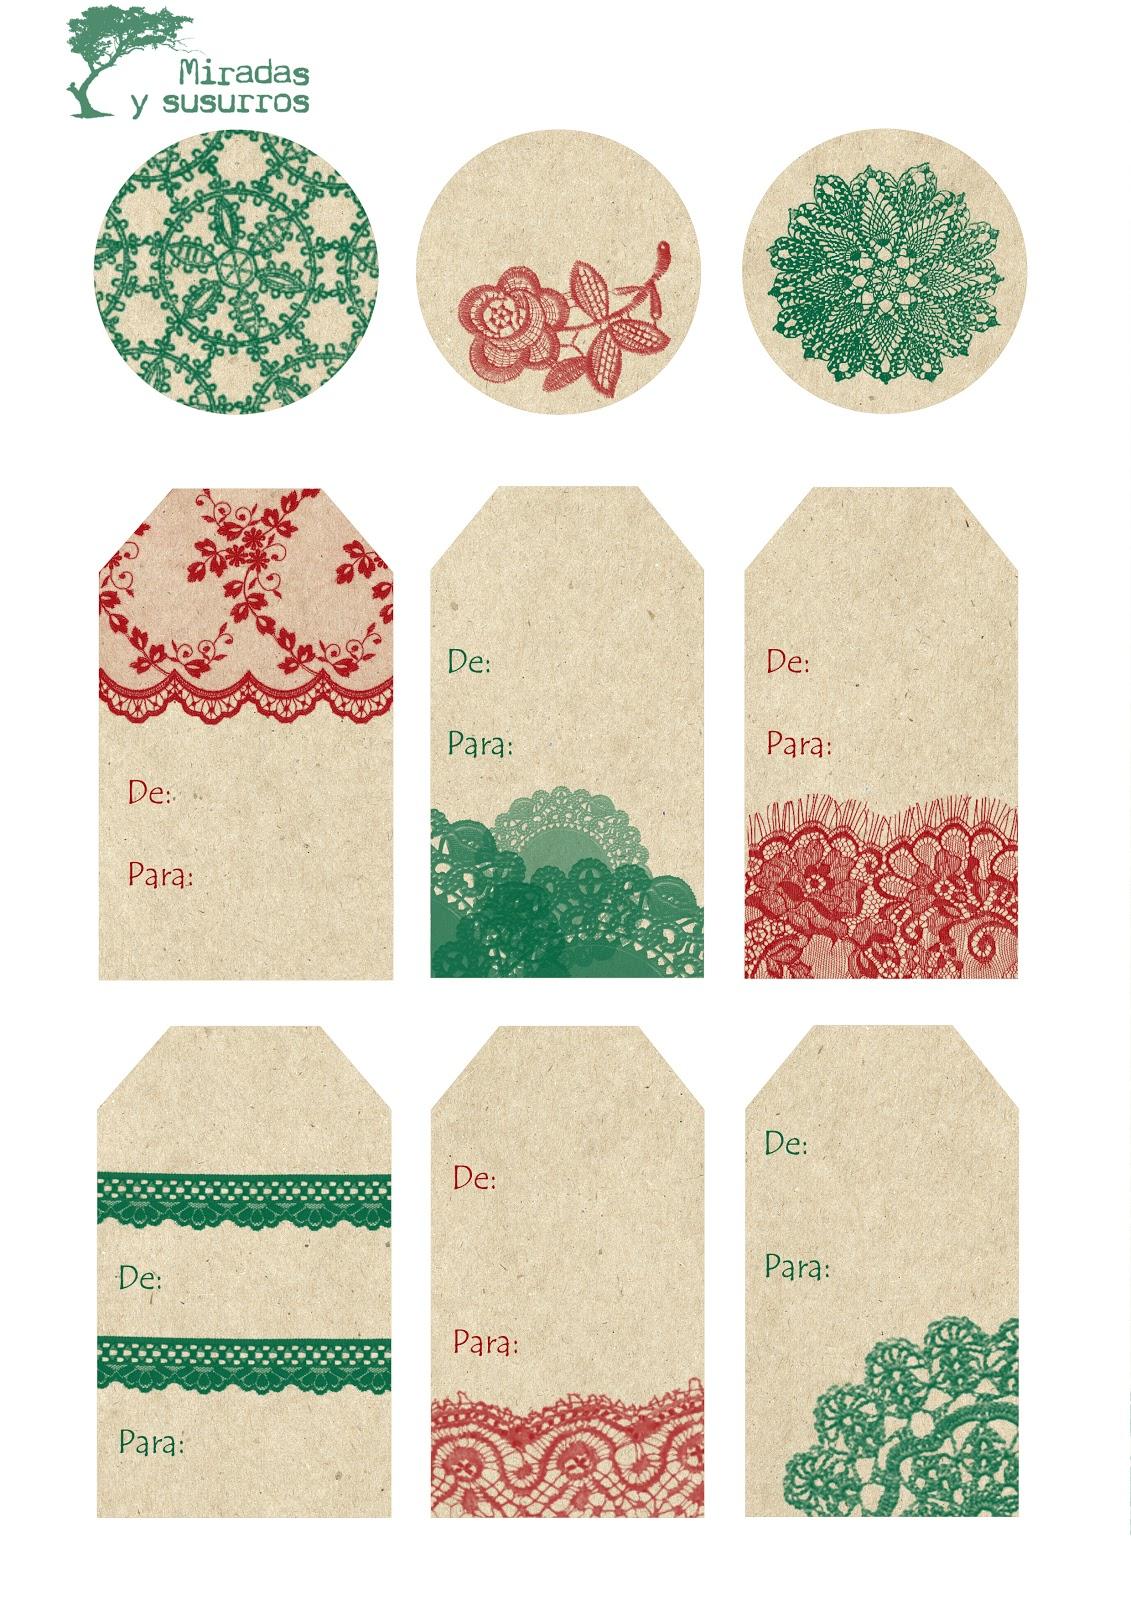 diy etiquetas para regalos miradas y susurros